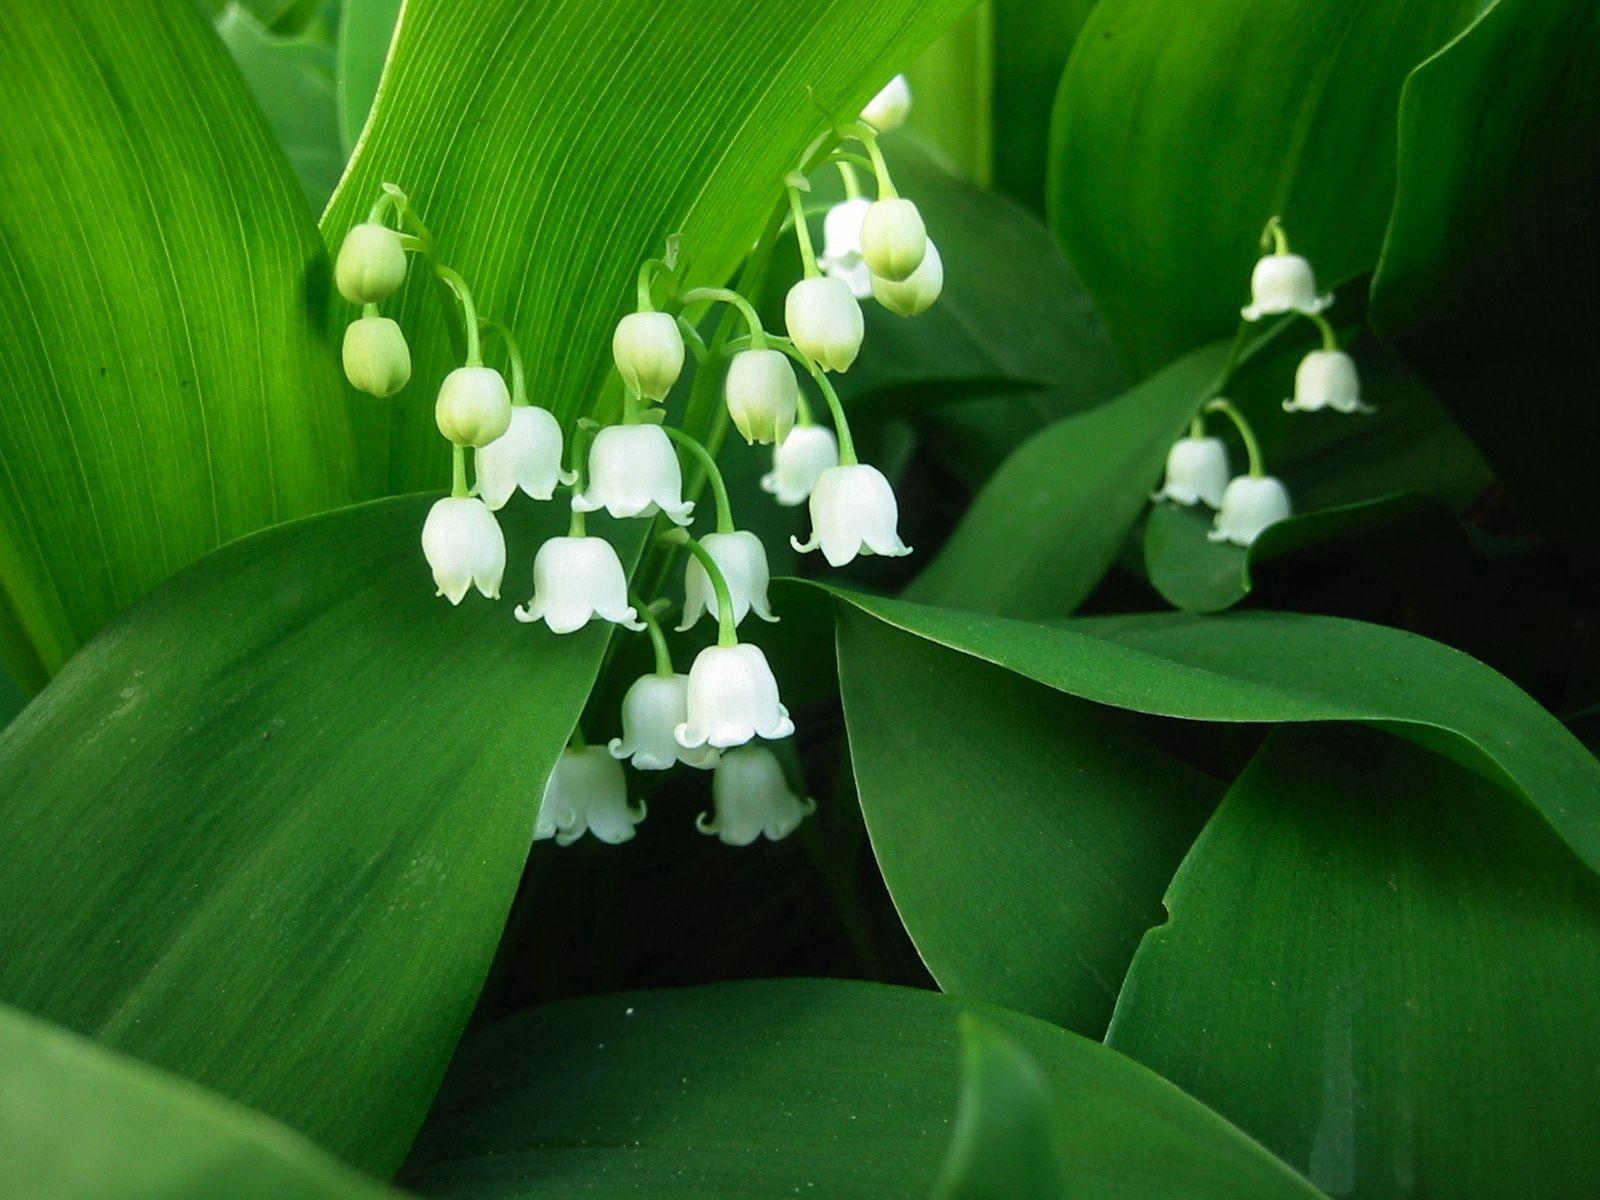 93029 Hintergrundbild herunterladen Blumen, Maiglöckchen - Bildschirmschoner und Bilder kostenlos